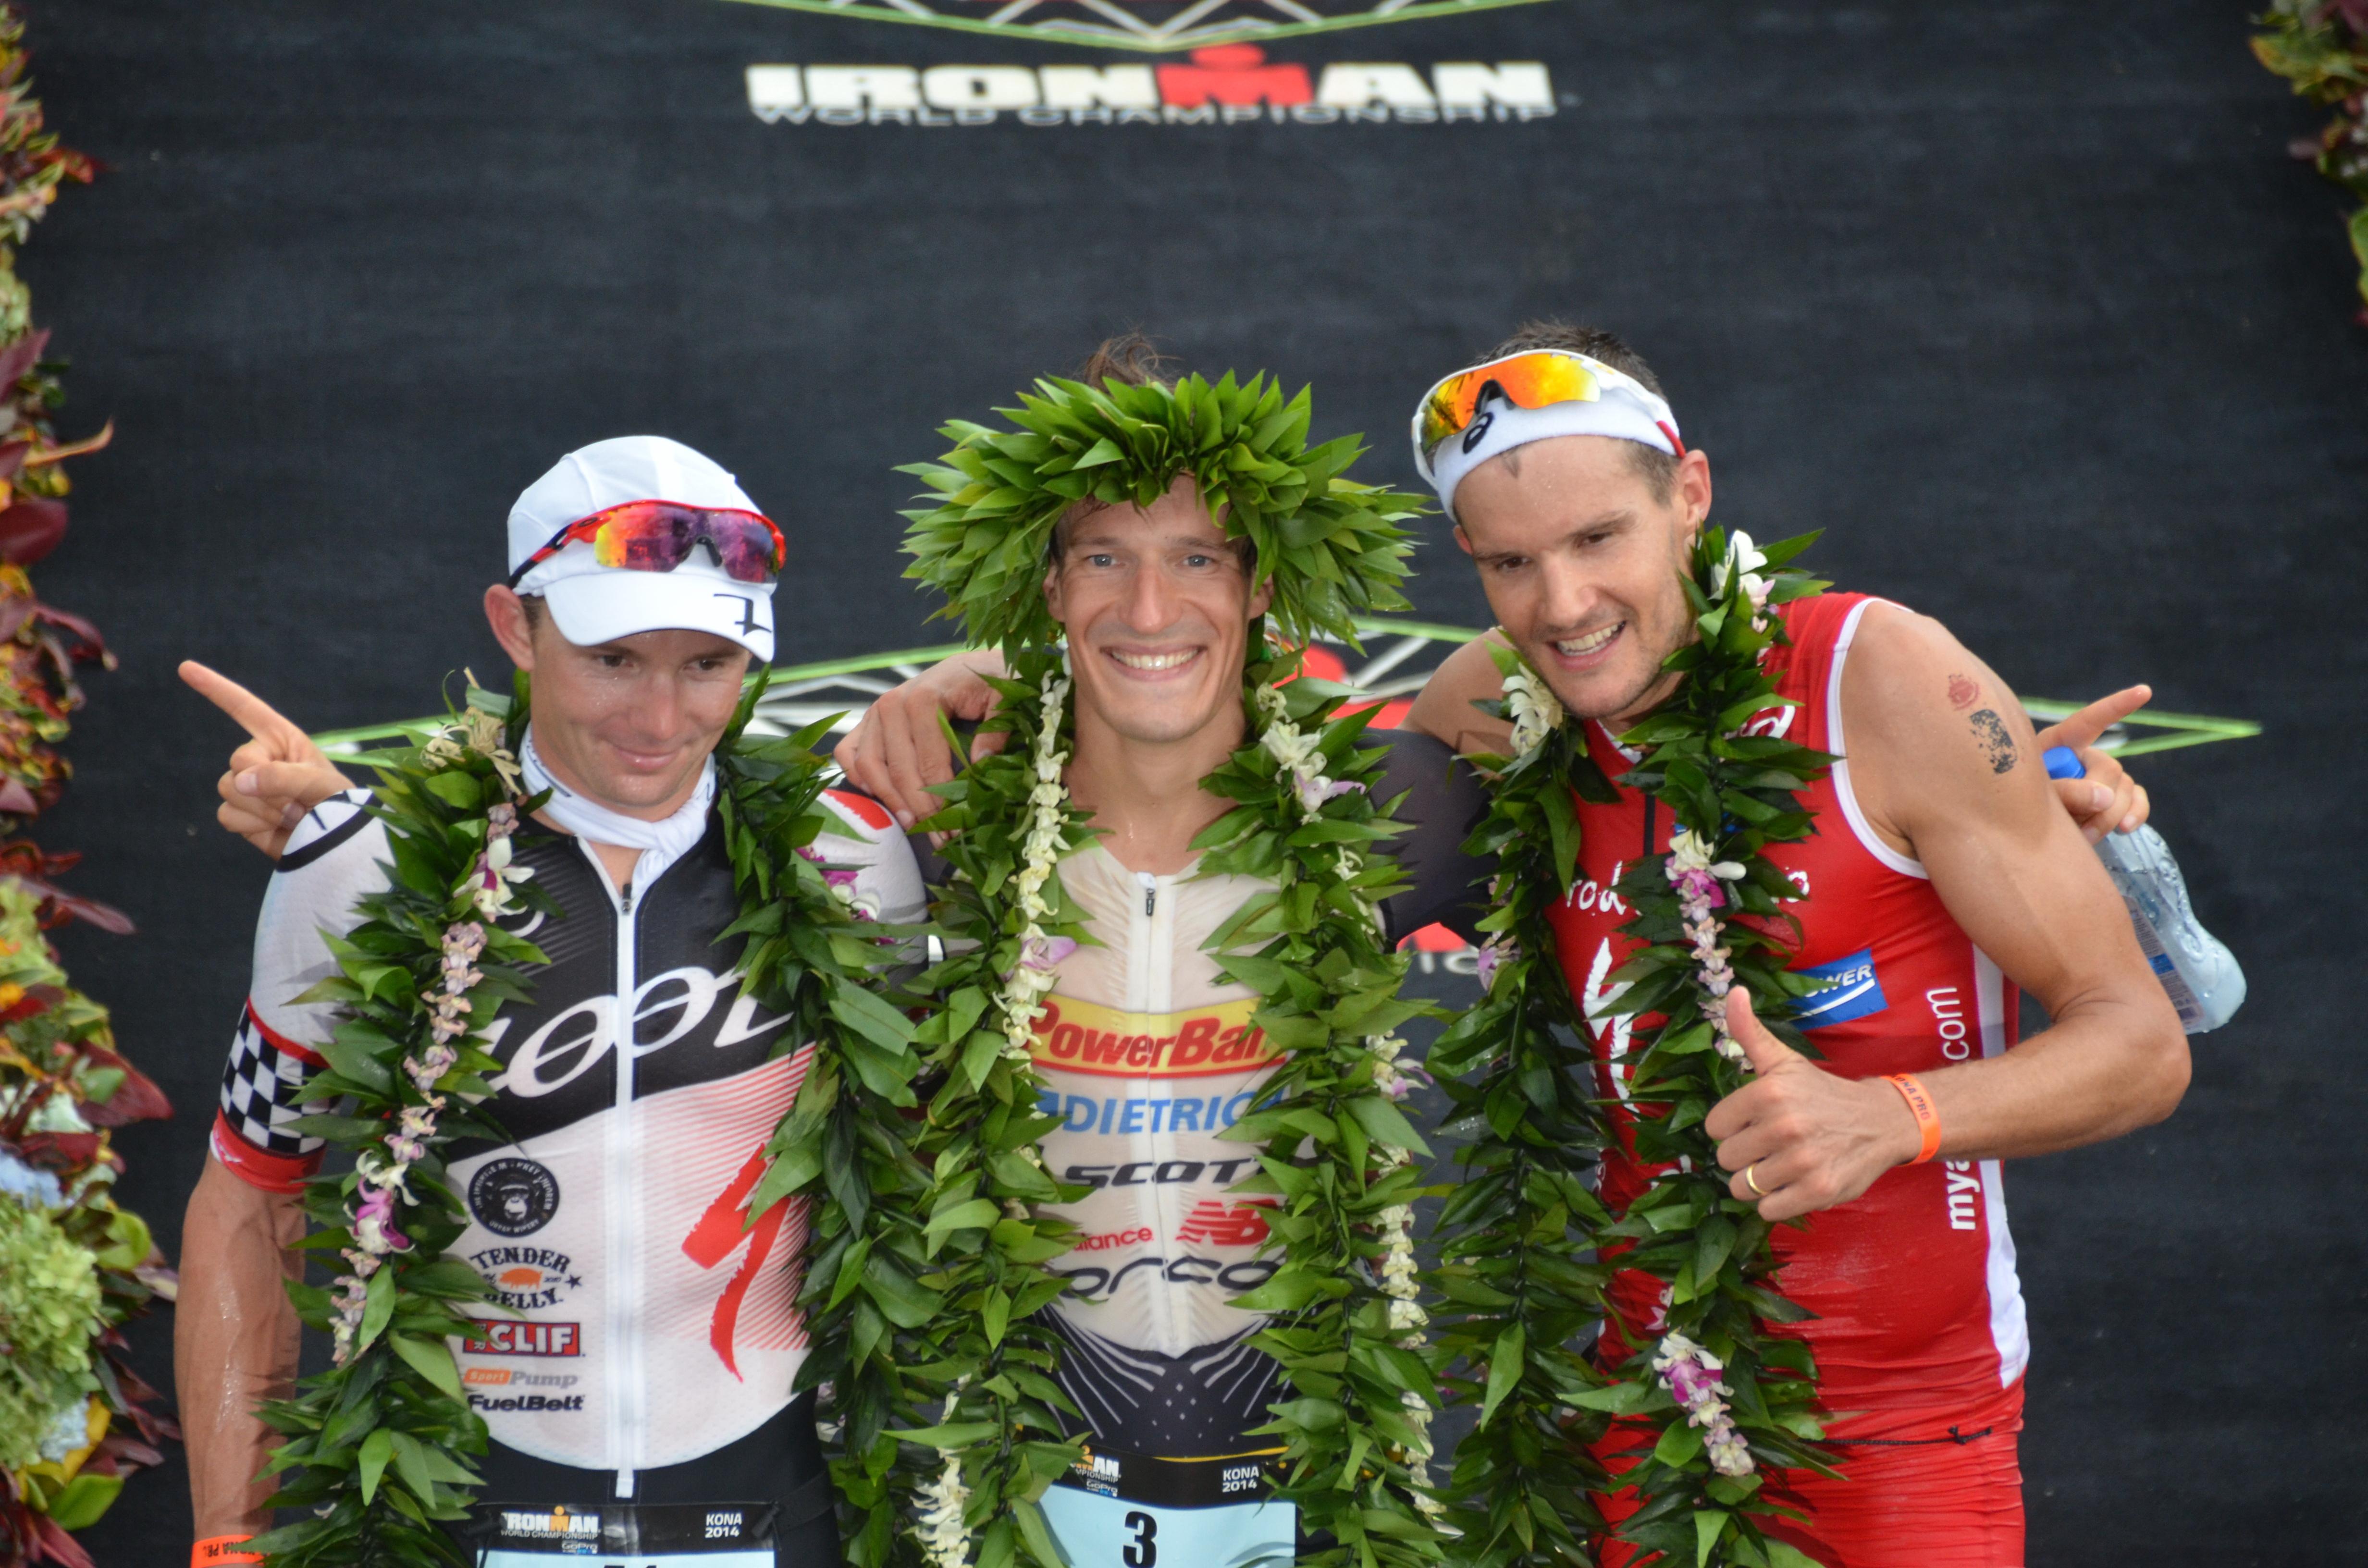 Kienle et Carfrae remportent le titre de champion du Monde IRONMAN 2014